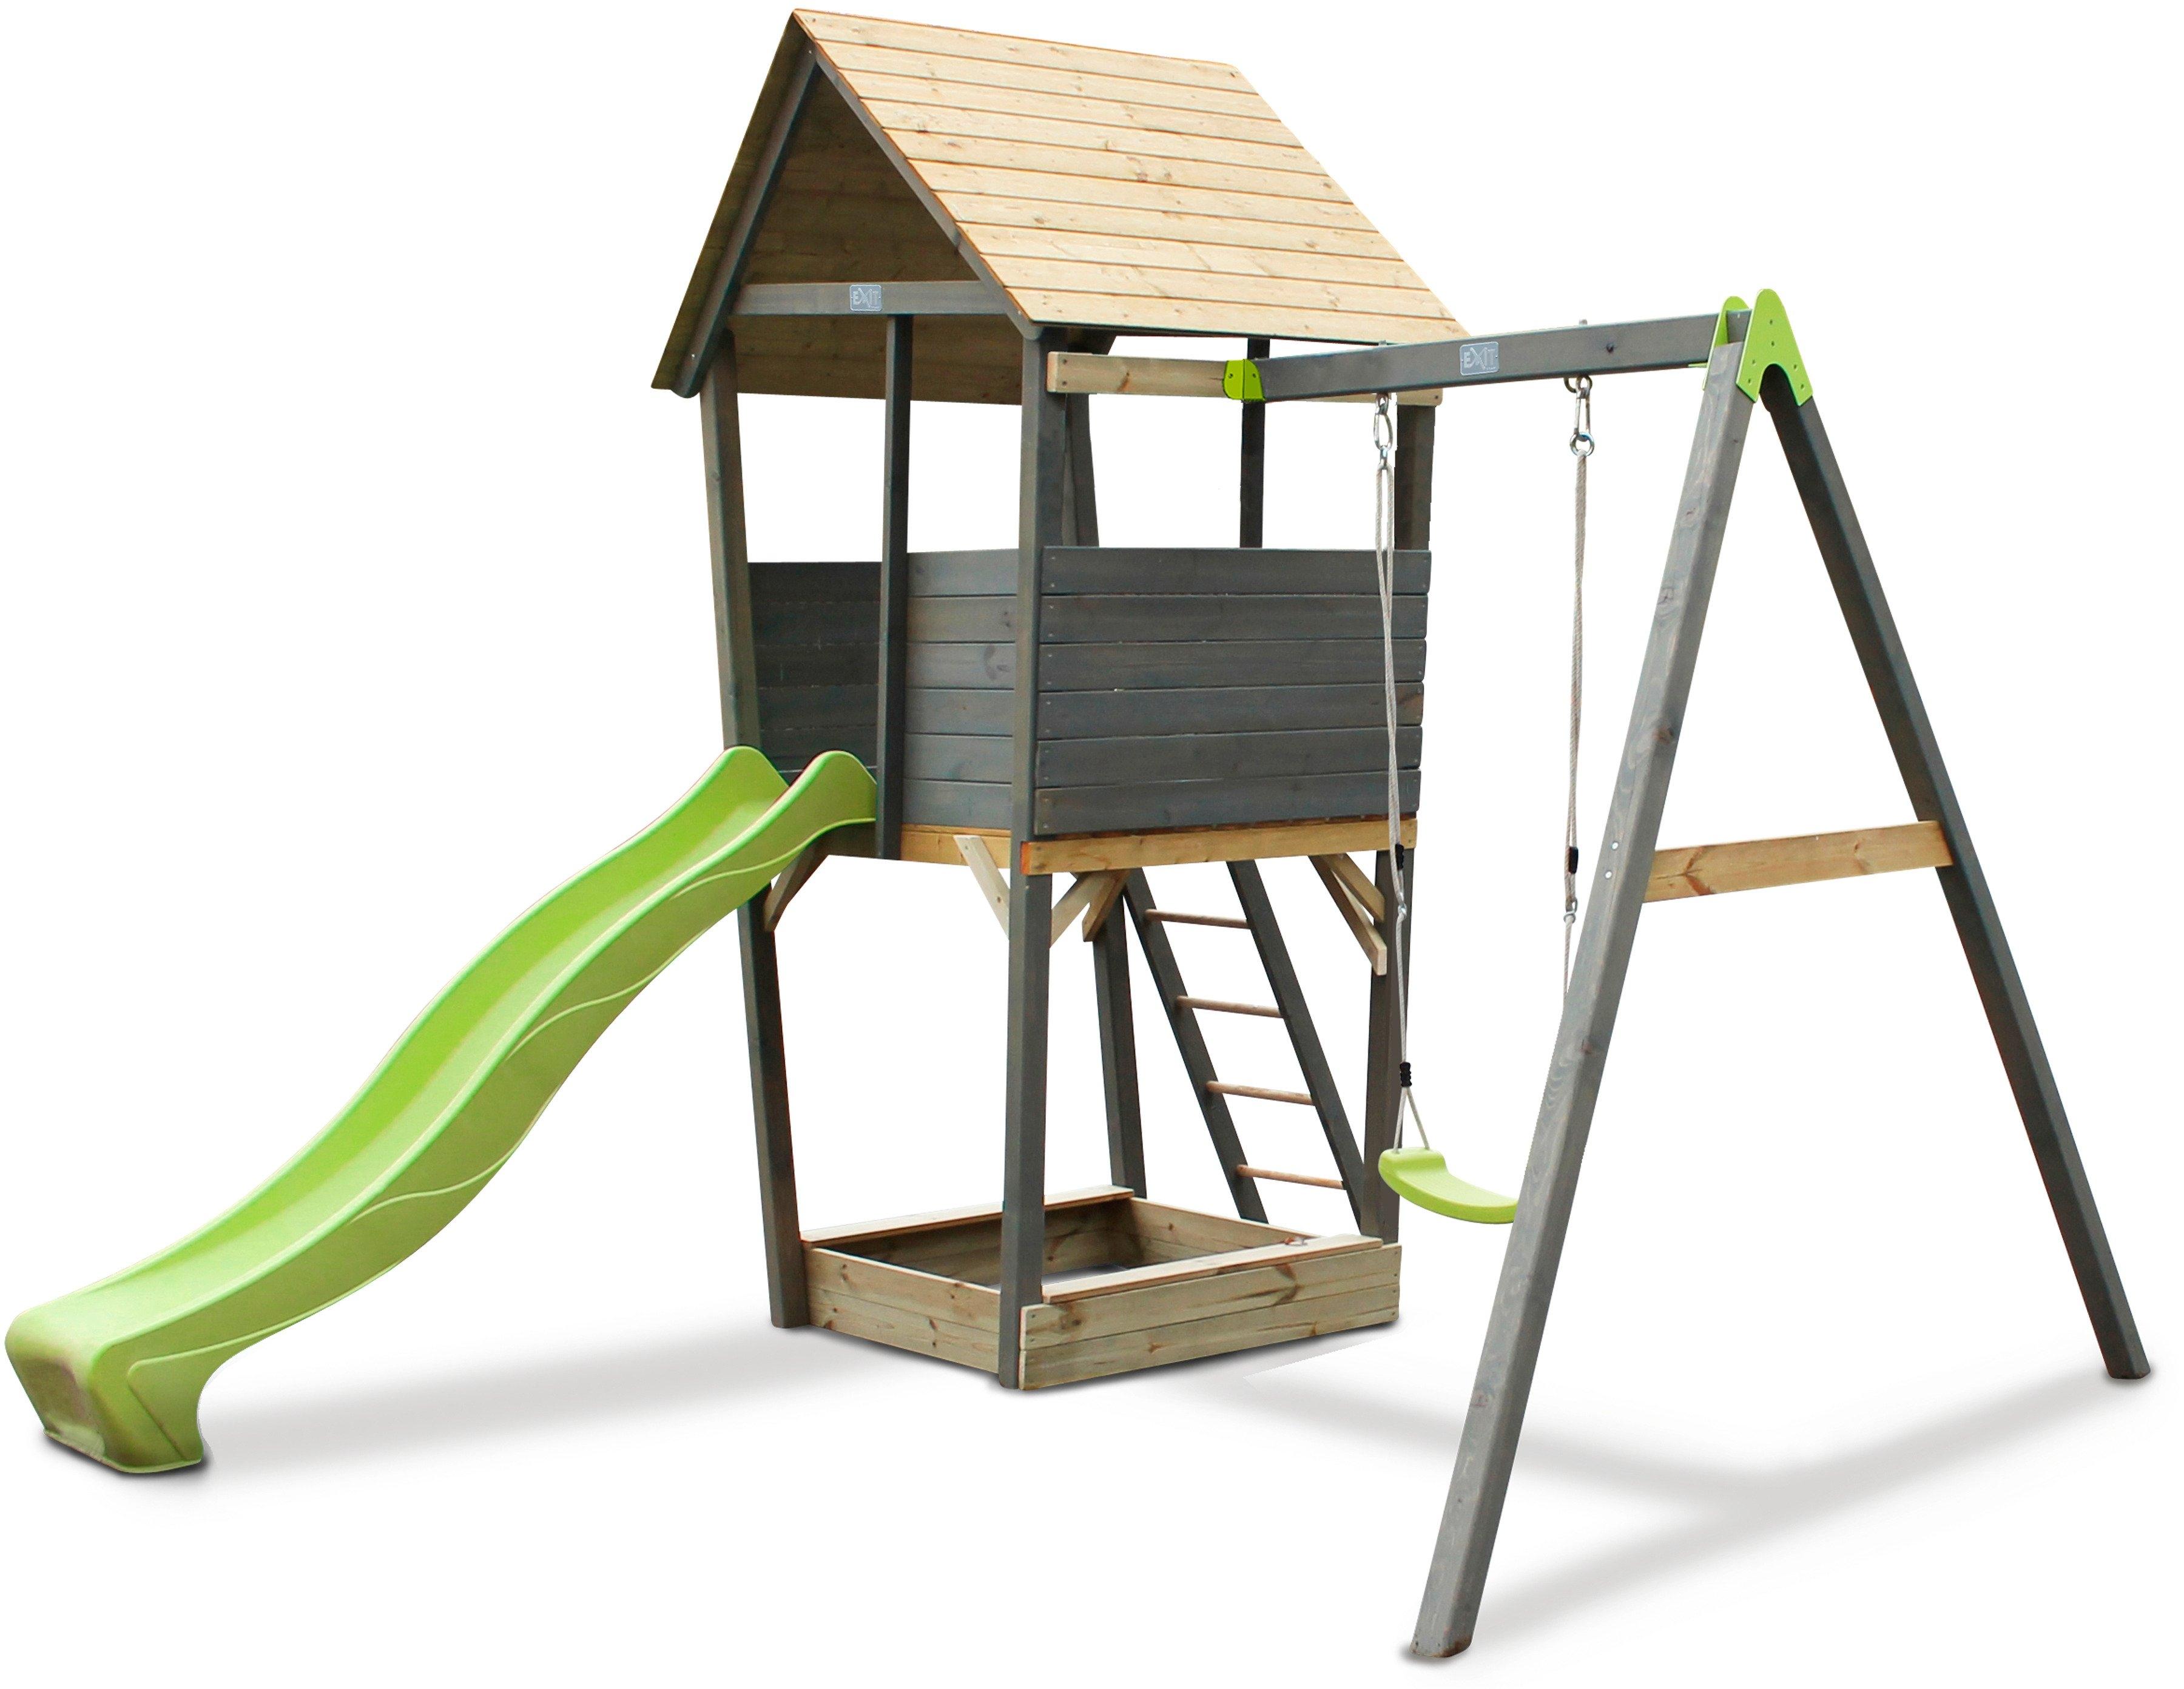 Exit Speeltoren »Aksent«, Bxhxd: 320x296x323 cm, enkele schommel + glijbaan in de webshop van OTTO kopen